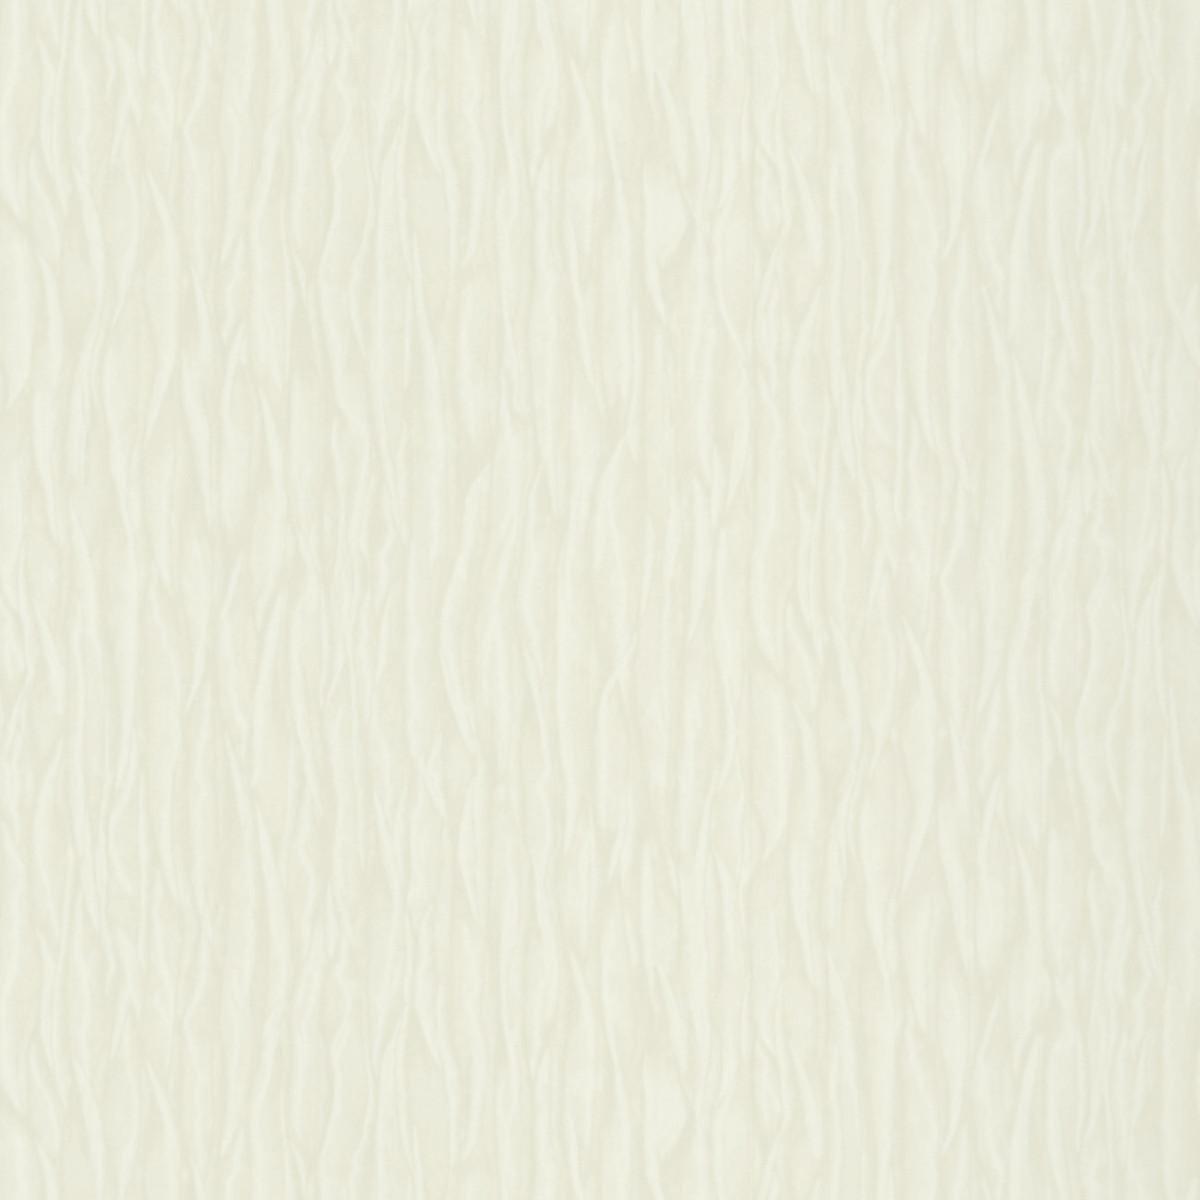 Обои флизелиновые Мир Авангард серые 1.06 м 45-242-01